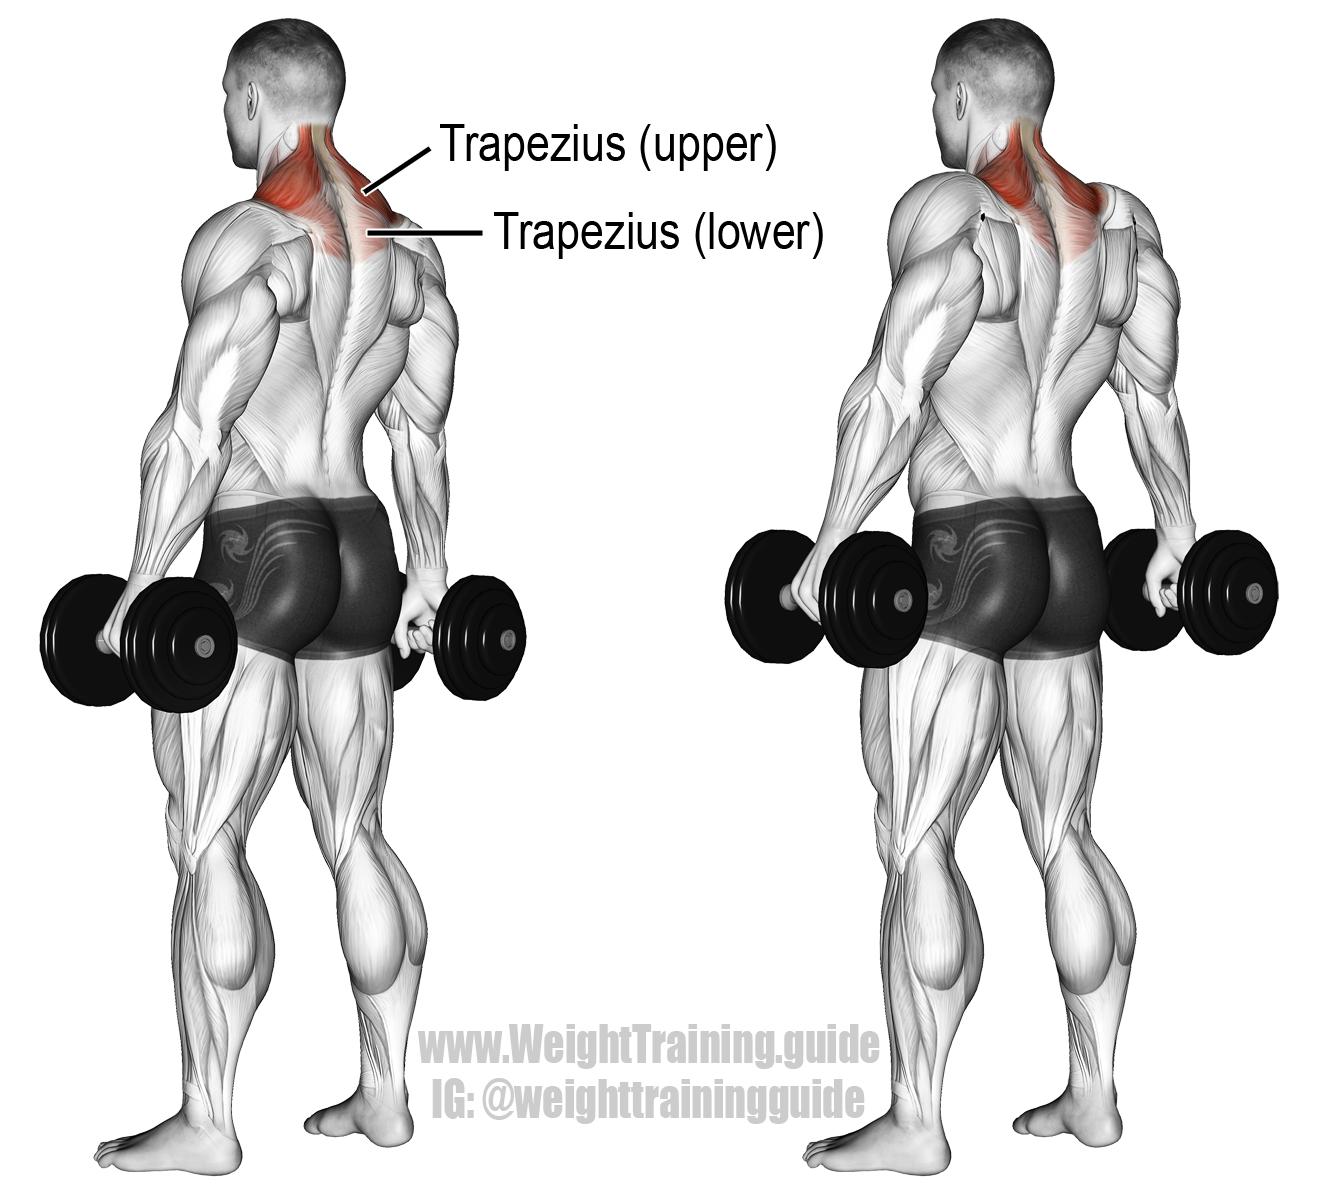 Dumbbell shrug exercise instructions and video | Ejercicios, Ejercicios de entrenamiento y Ejercicios musculacion